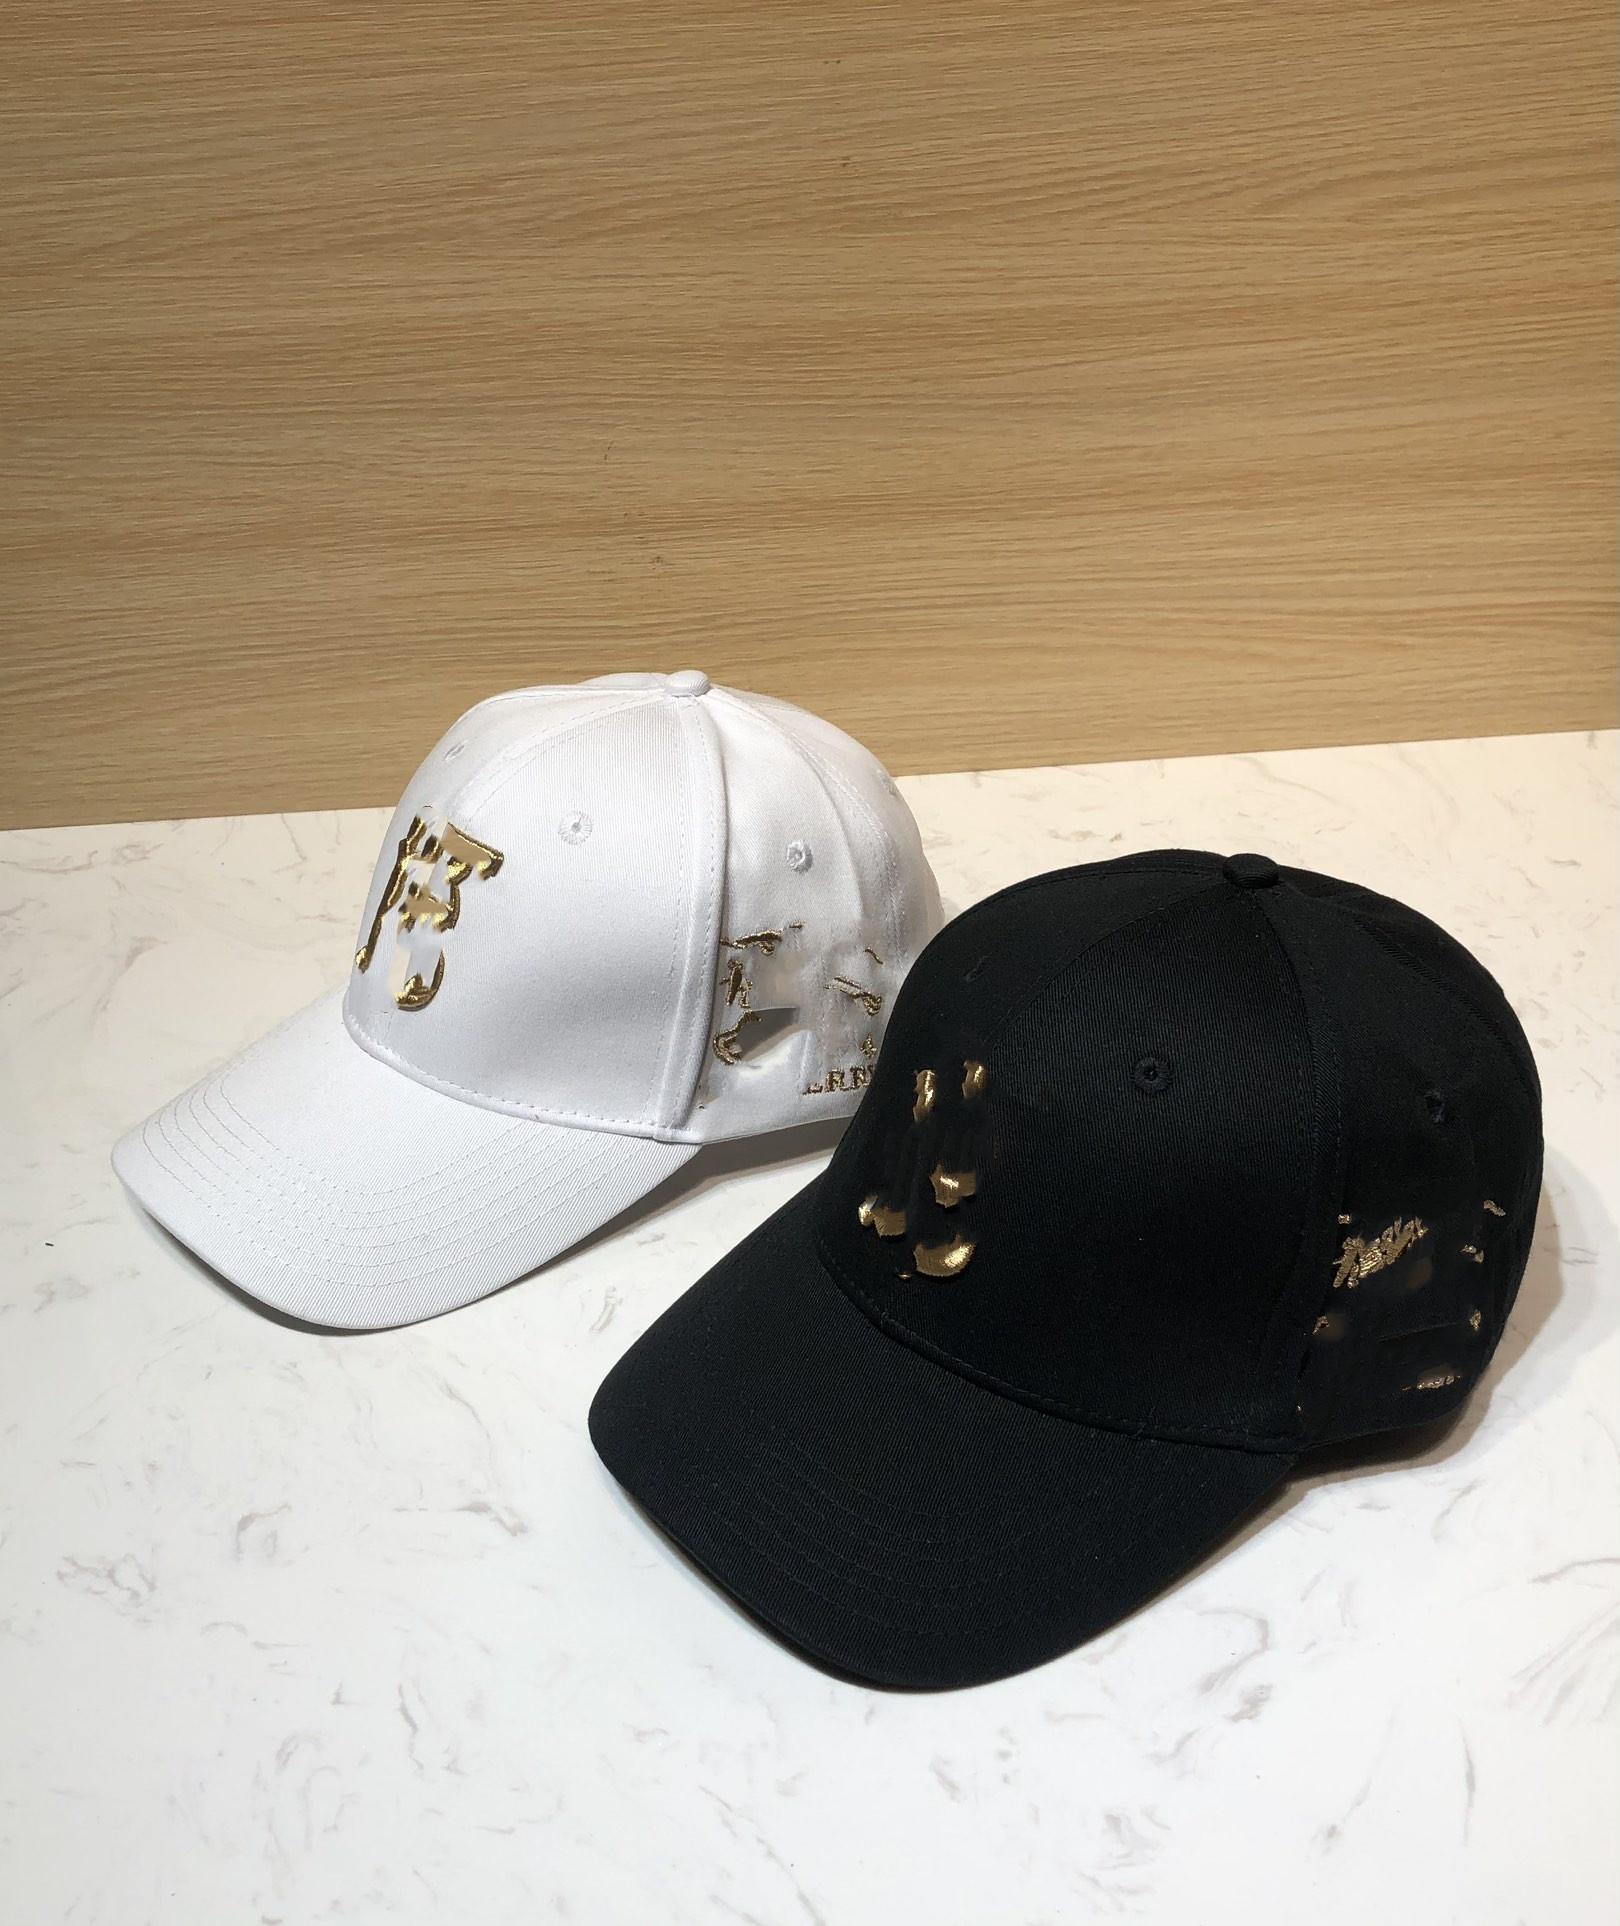 야구 모자 색상 슈퍼 아름다운 신선한 봄과 여름 색상 부드러운 통기성 가장자리 가벼운 오목한 모양 패션 다양한 재질 : 100 % 색깔의 면화